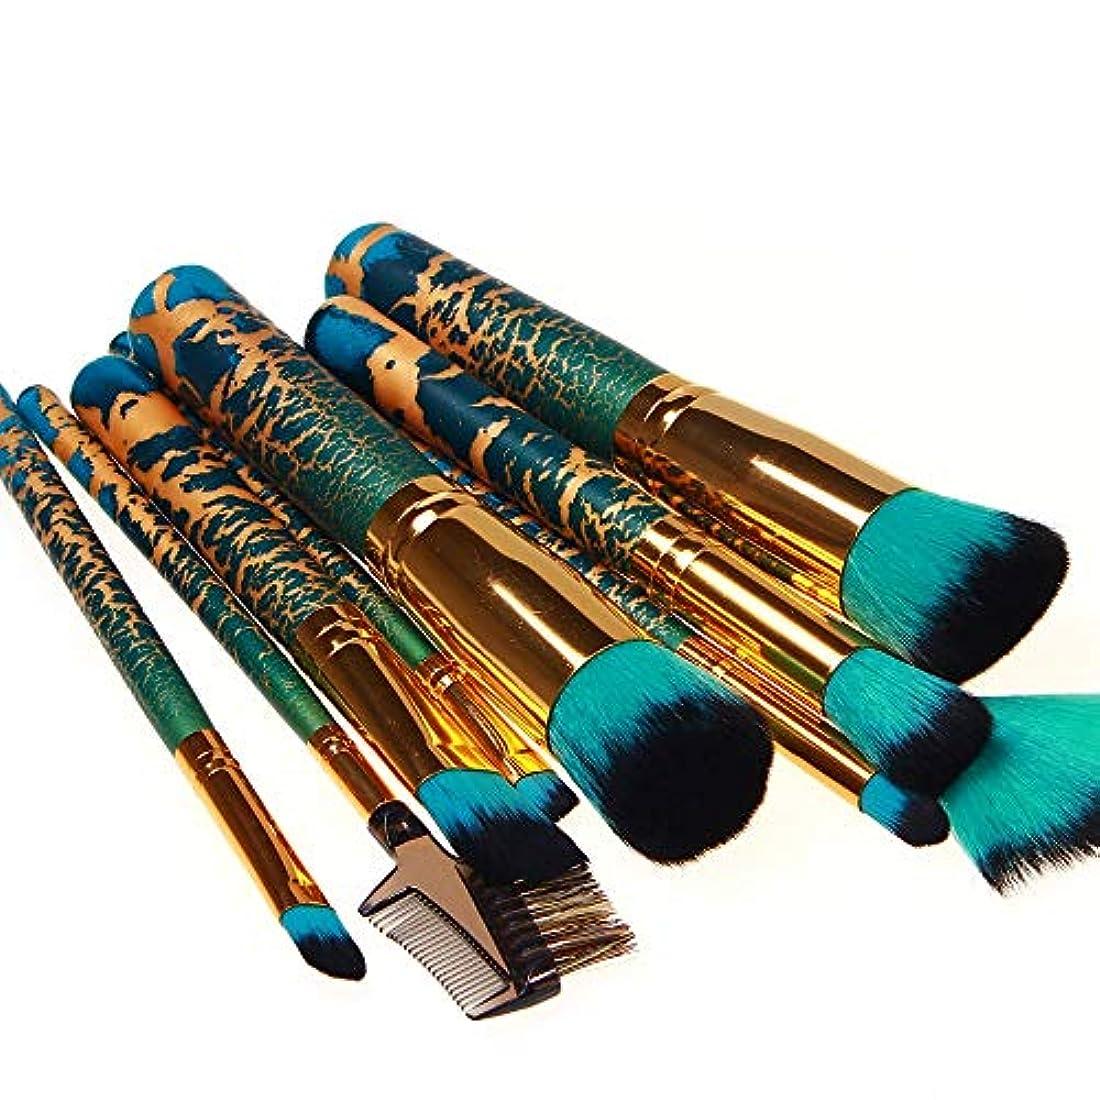 忌まわしい市の中心部まばたきMakeup brushes 木の化粧ブラシ10のナイロン毛のスナップ塗装プロセスが付いている化粧ブラシセット suits (Color : Green)